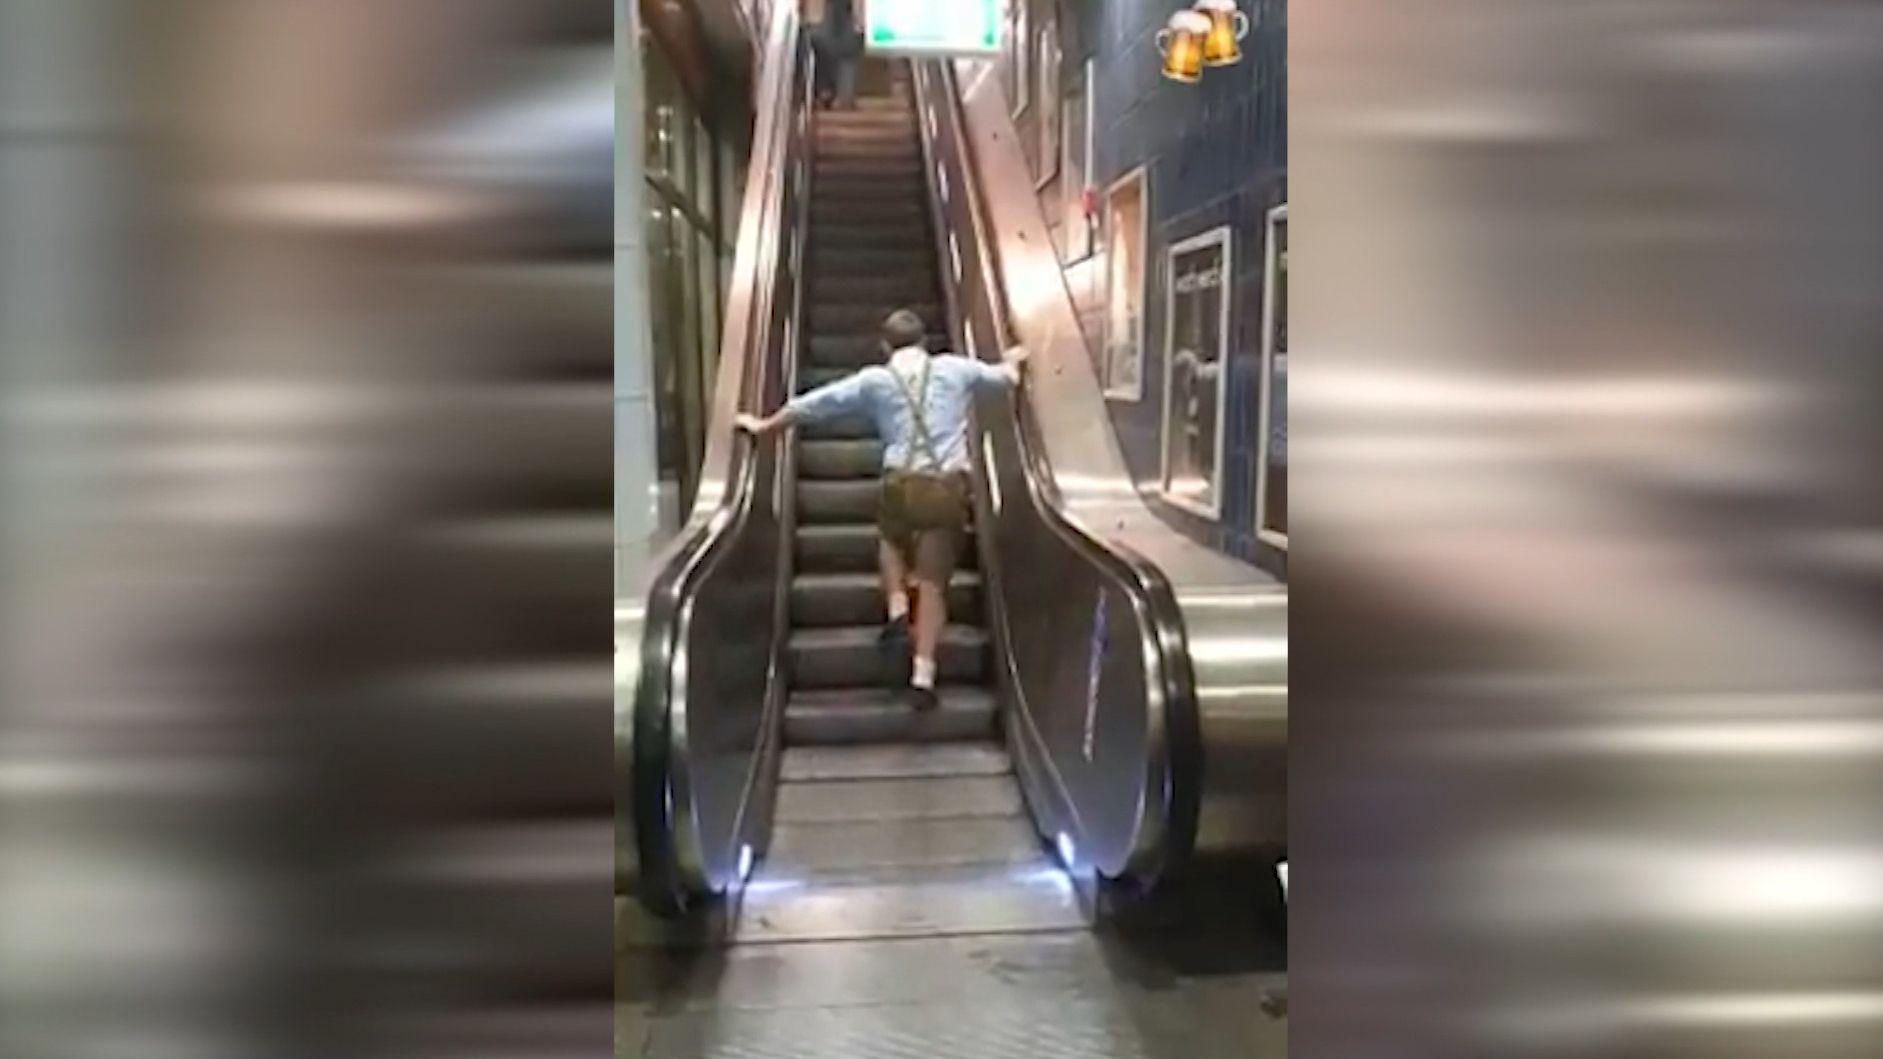 Dickschädliger Wiesnbesucher kämpft mit der Rolltreppe